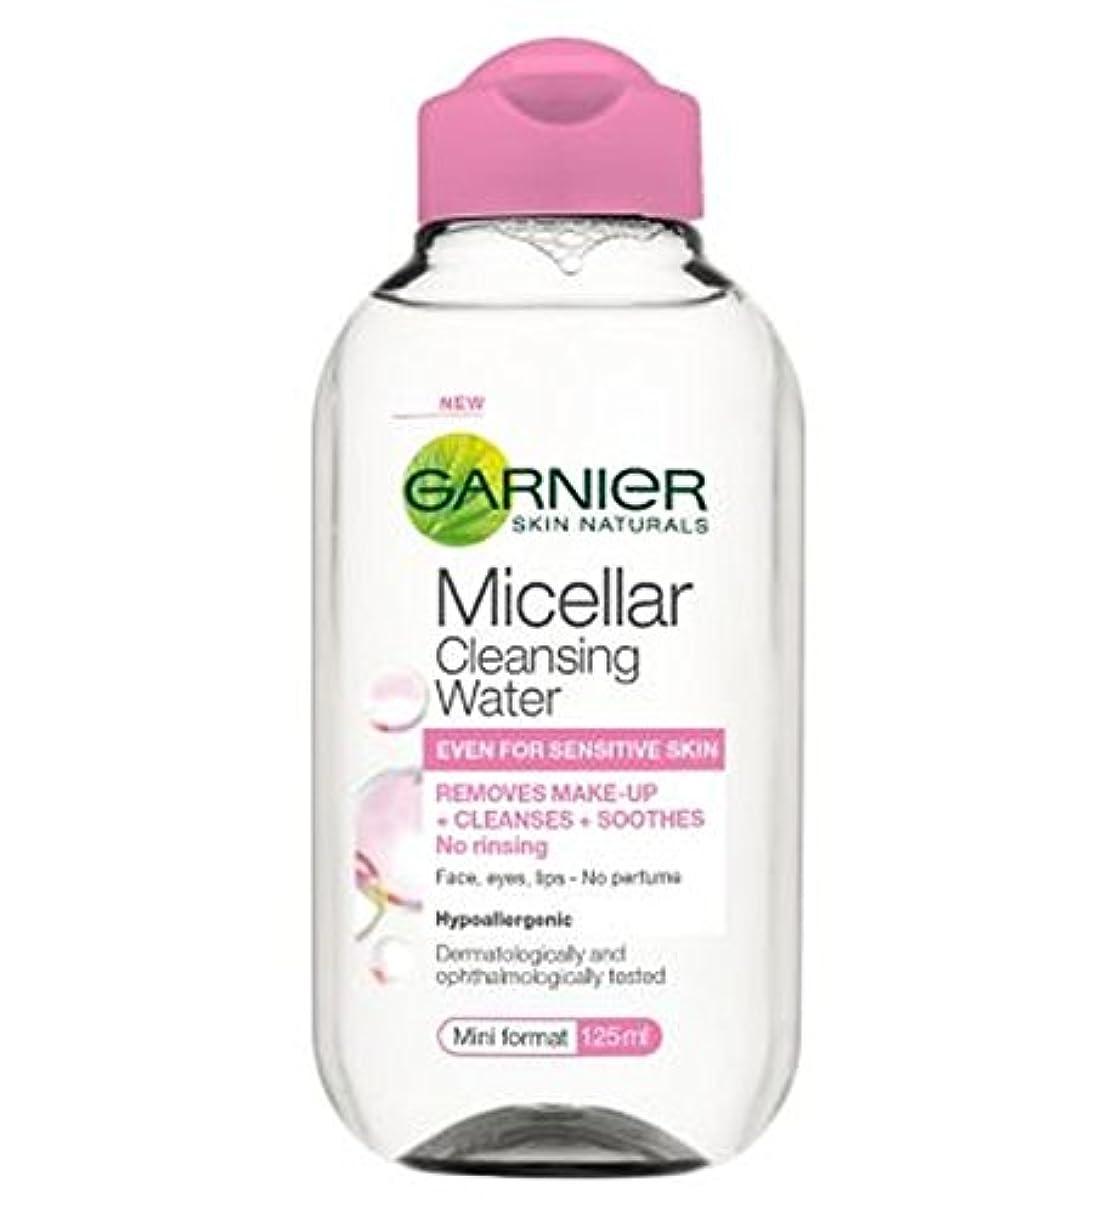 泳ぐ普及ブラケットガルニエミセル洗浄水125ミリリットル (Garnier) (x2) - Garnier Micellar Cleansing Water 125ml (Pack of 2) [並行輸入品]